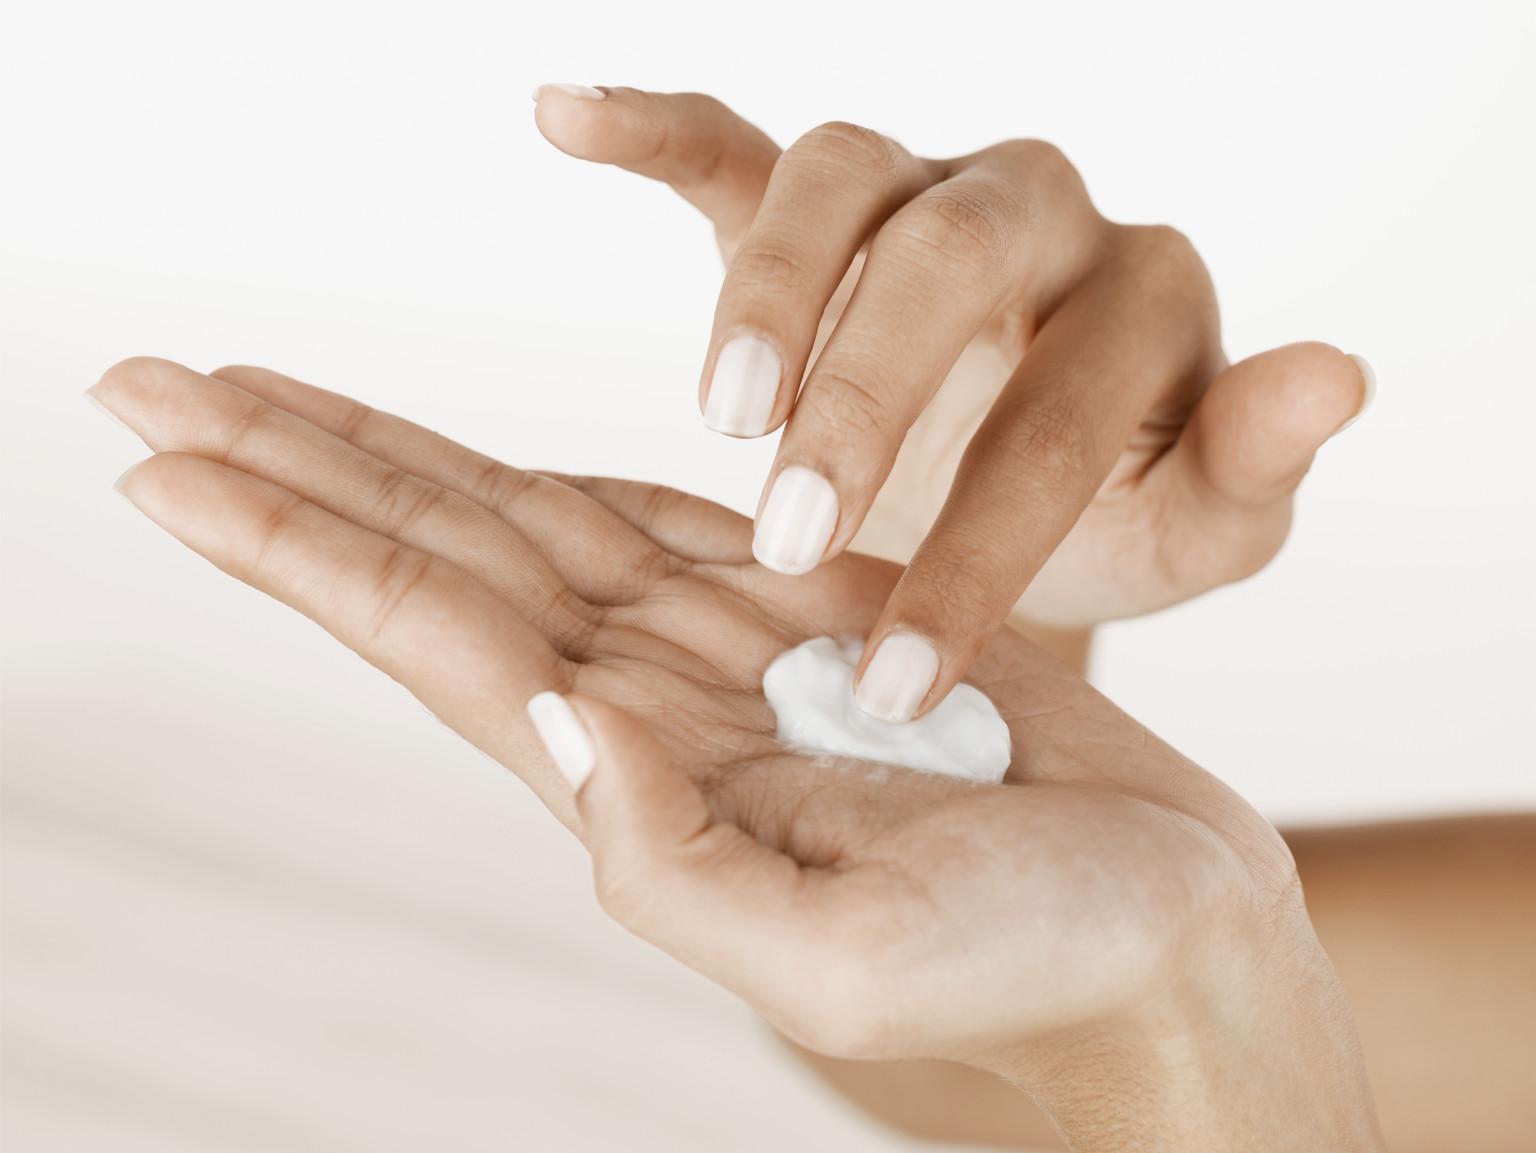 7 Manfaat Memakai Handbody Sebelum Tidur Malam